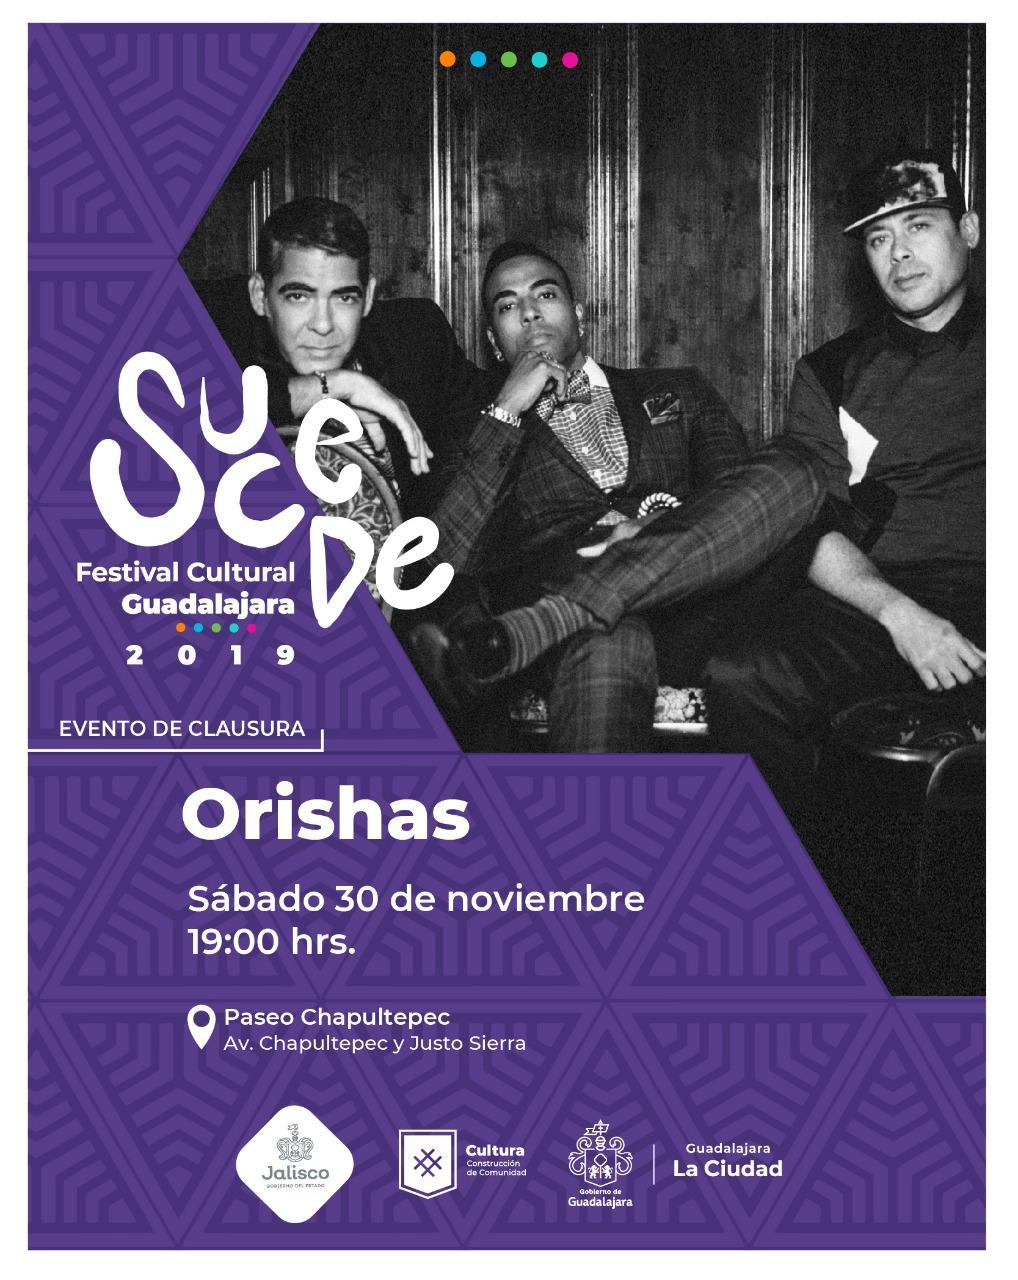 ¡Orishas por primera vez en Guadalajara, dentro del marco del Festival Cultural Sucede!